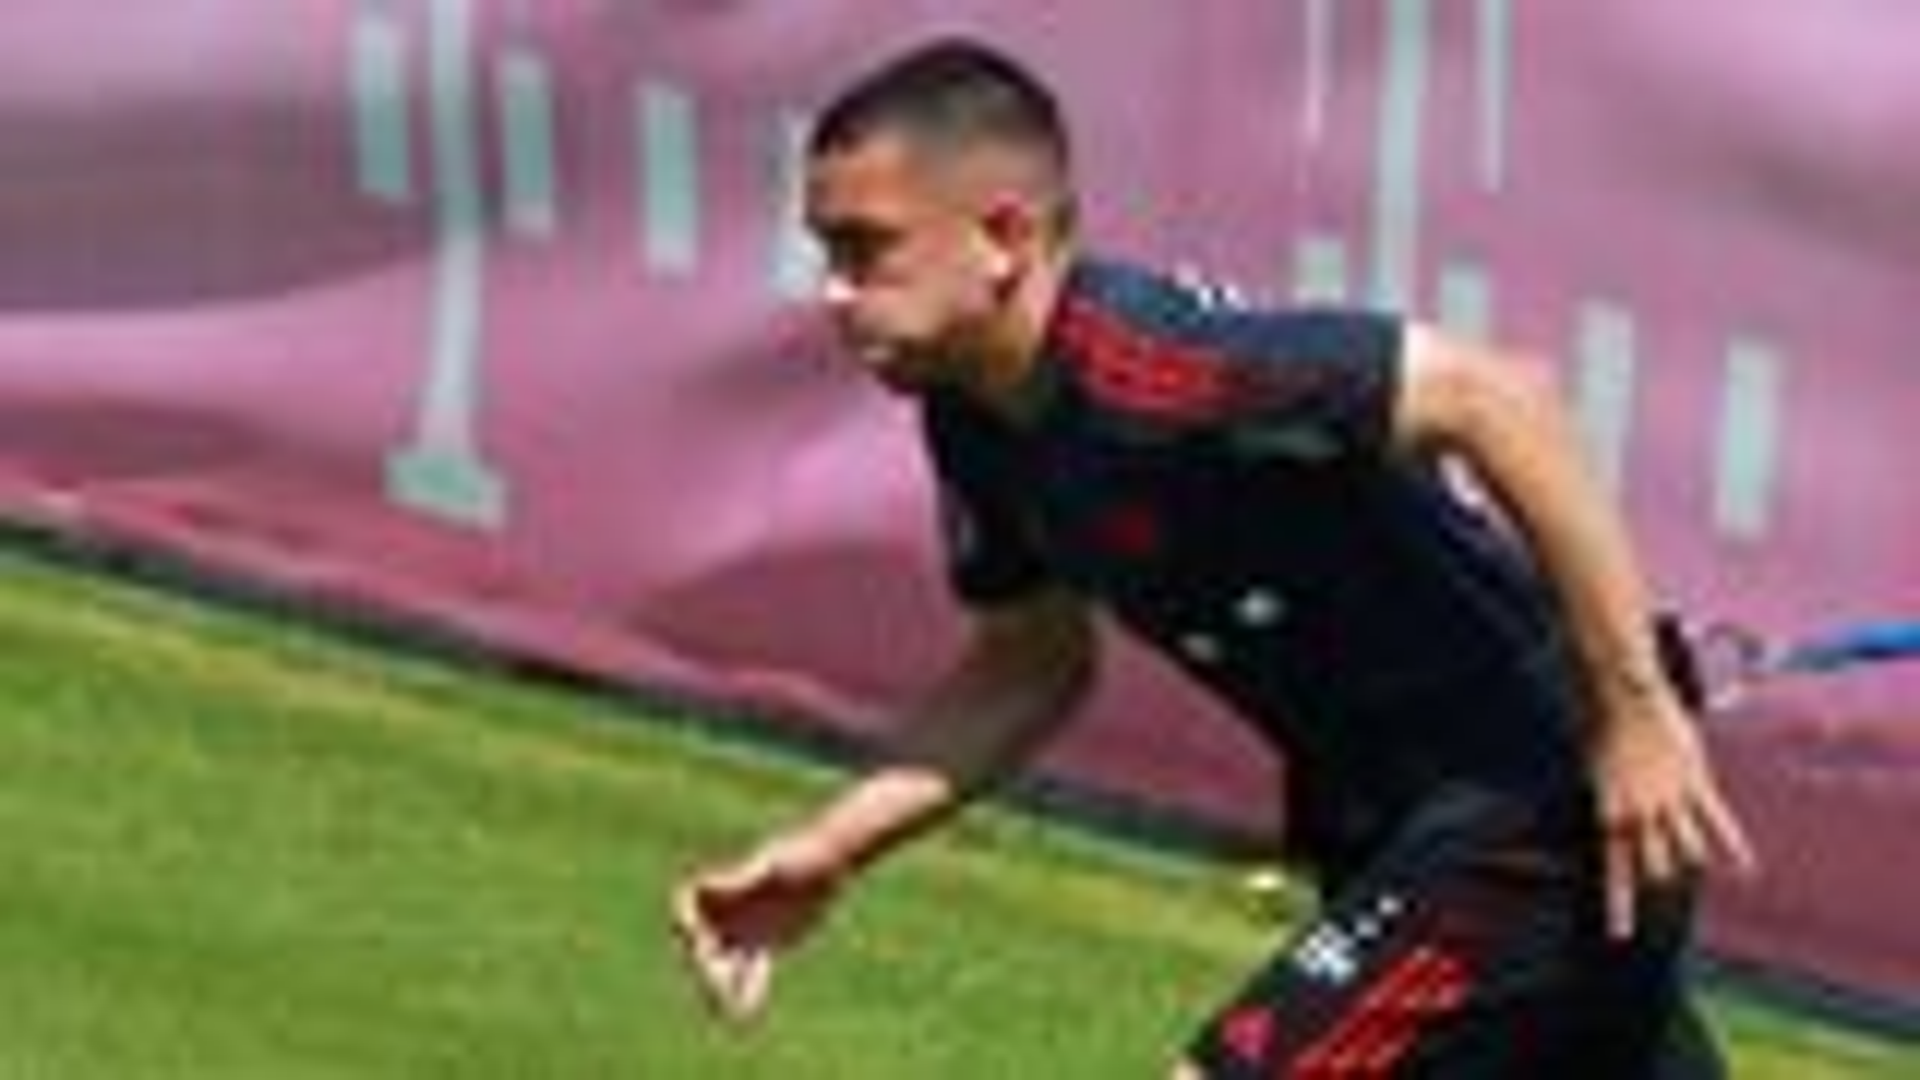 Who is Arijon Ibrahimovic?